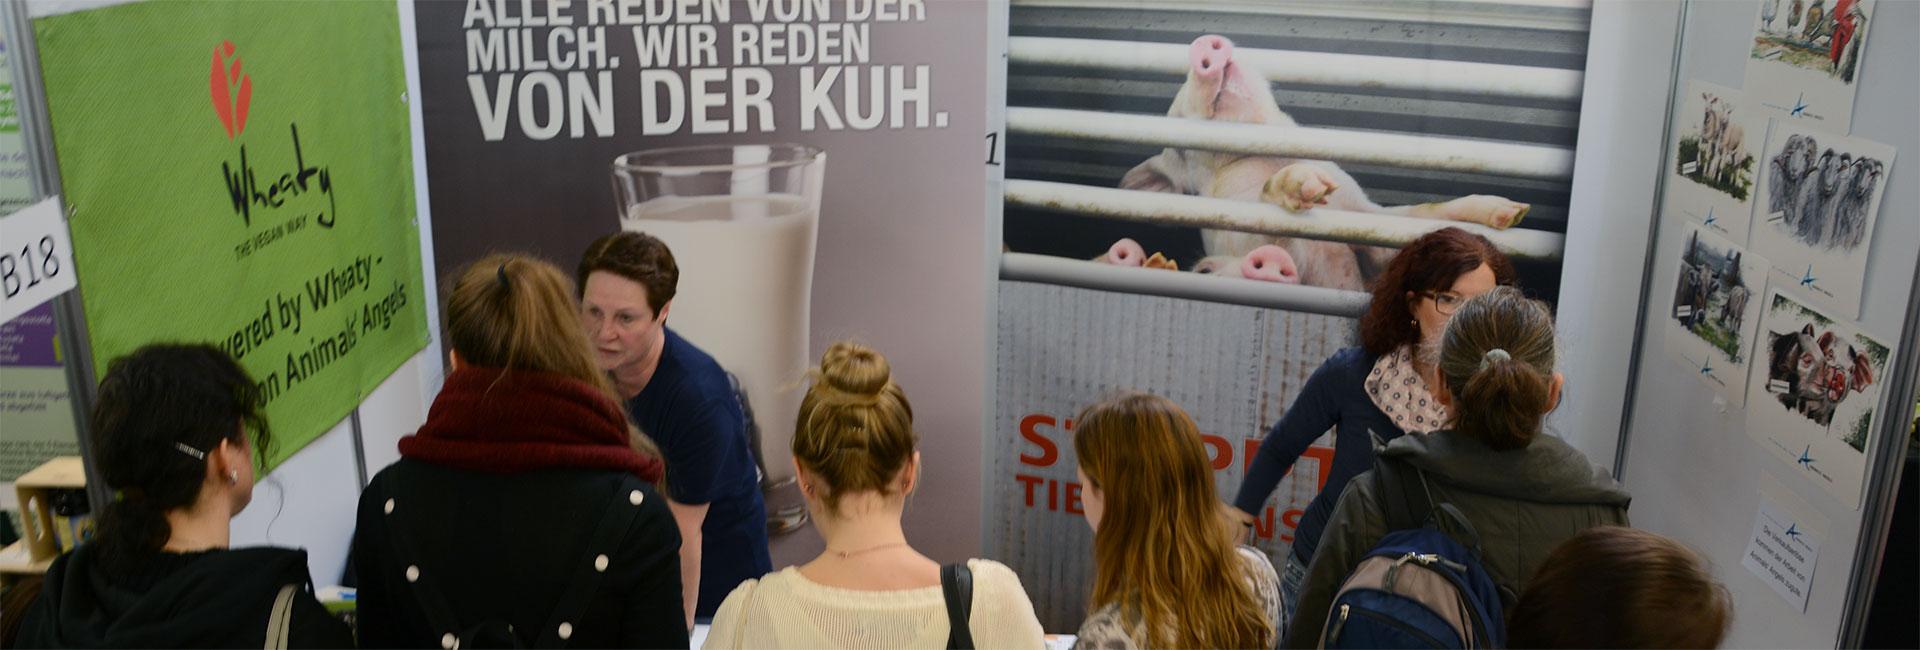 Animals' Angels klärt bei Infoständen zum Thema Tiertransport auf